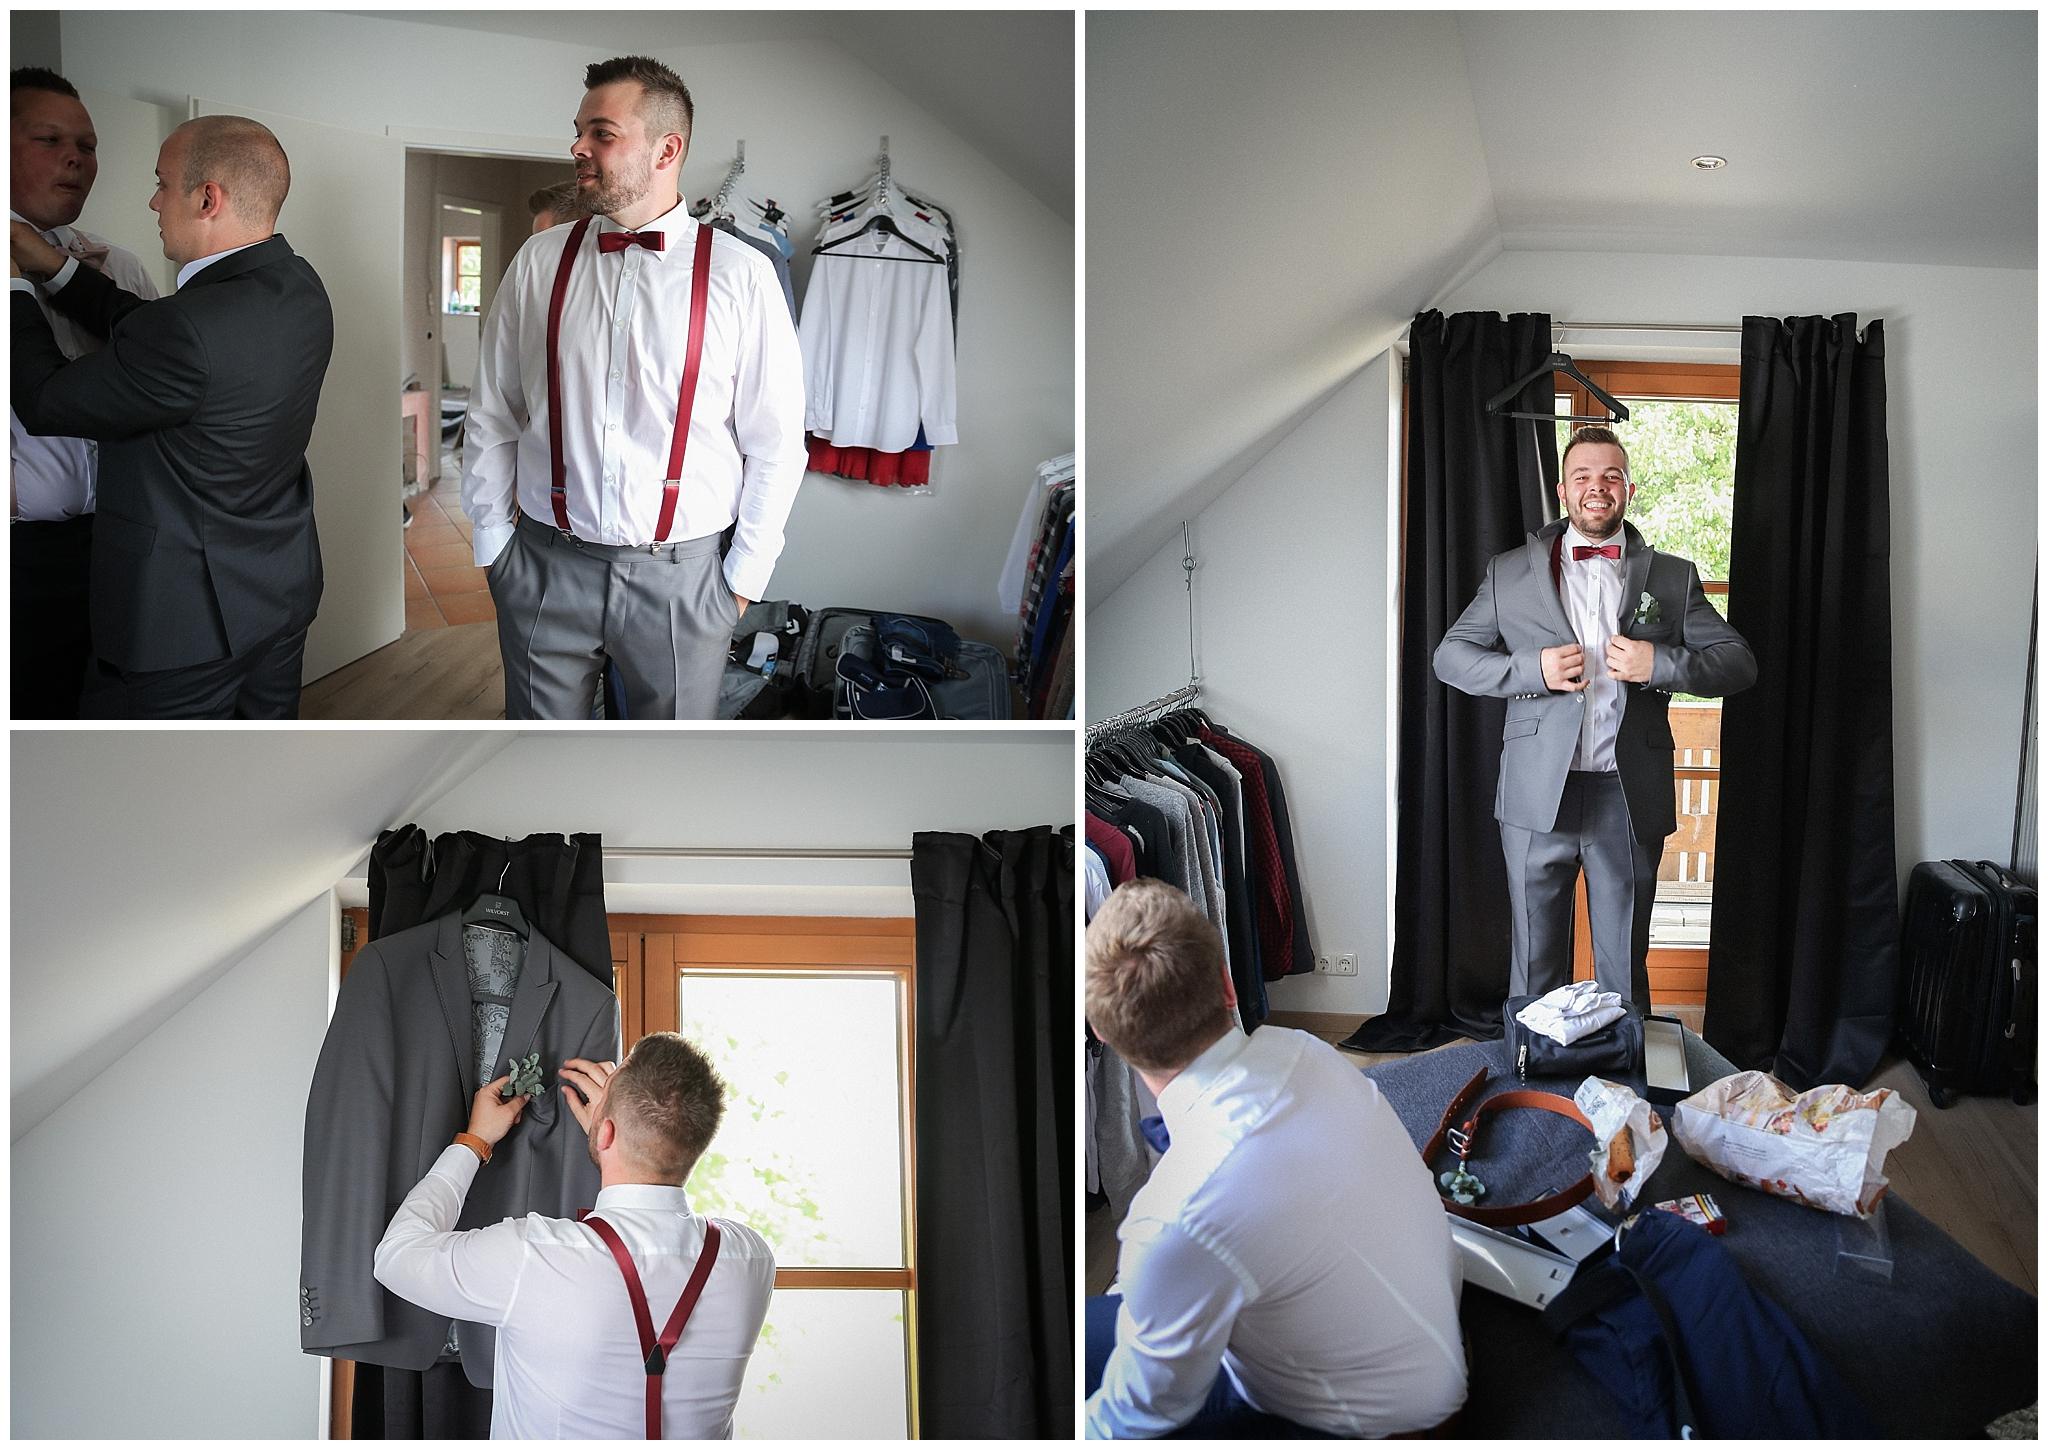 Hochzeit_Menninger_dieLICHTBUILDER_13.jpg